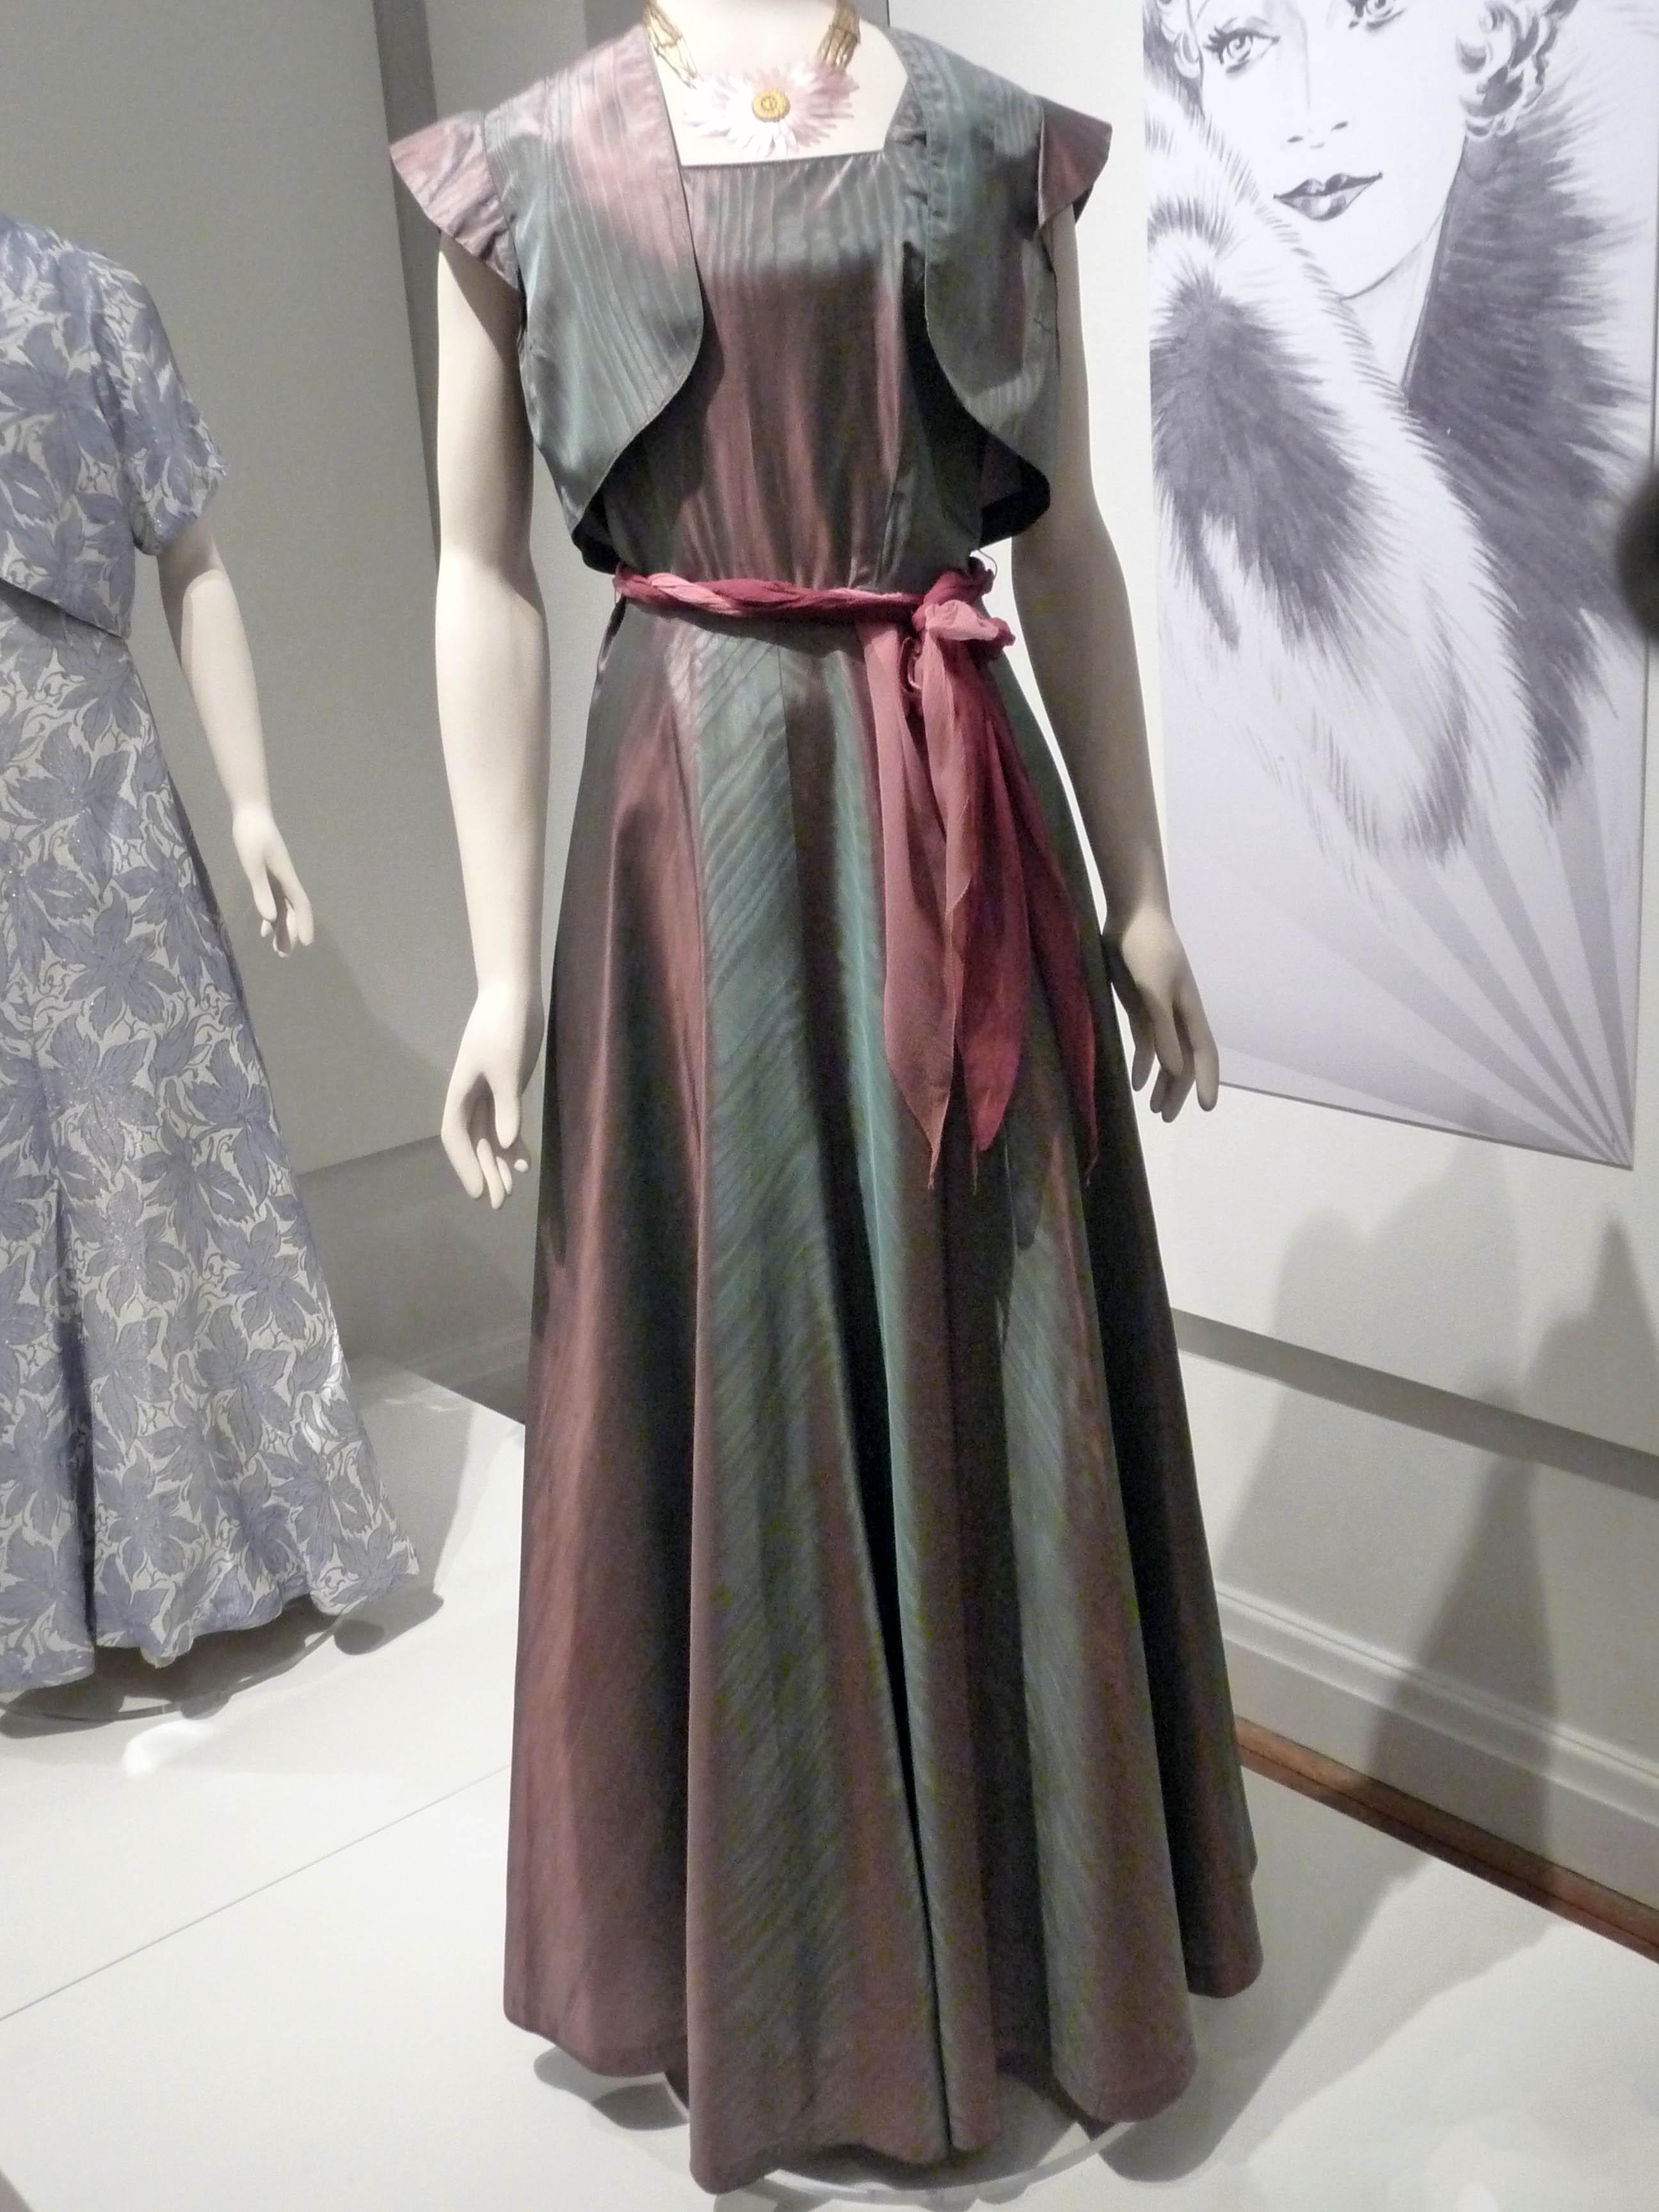 Evening dress & matching bolero jacket, rayon taffeta, 1935-38